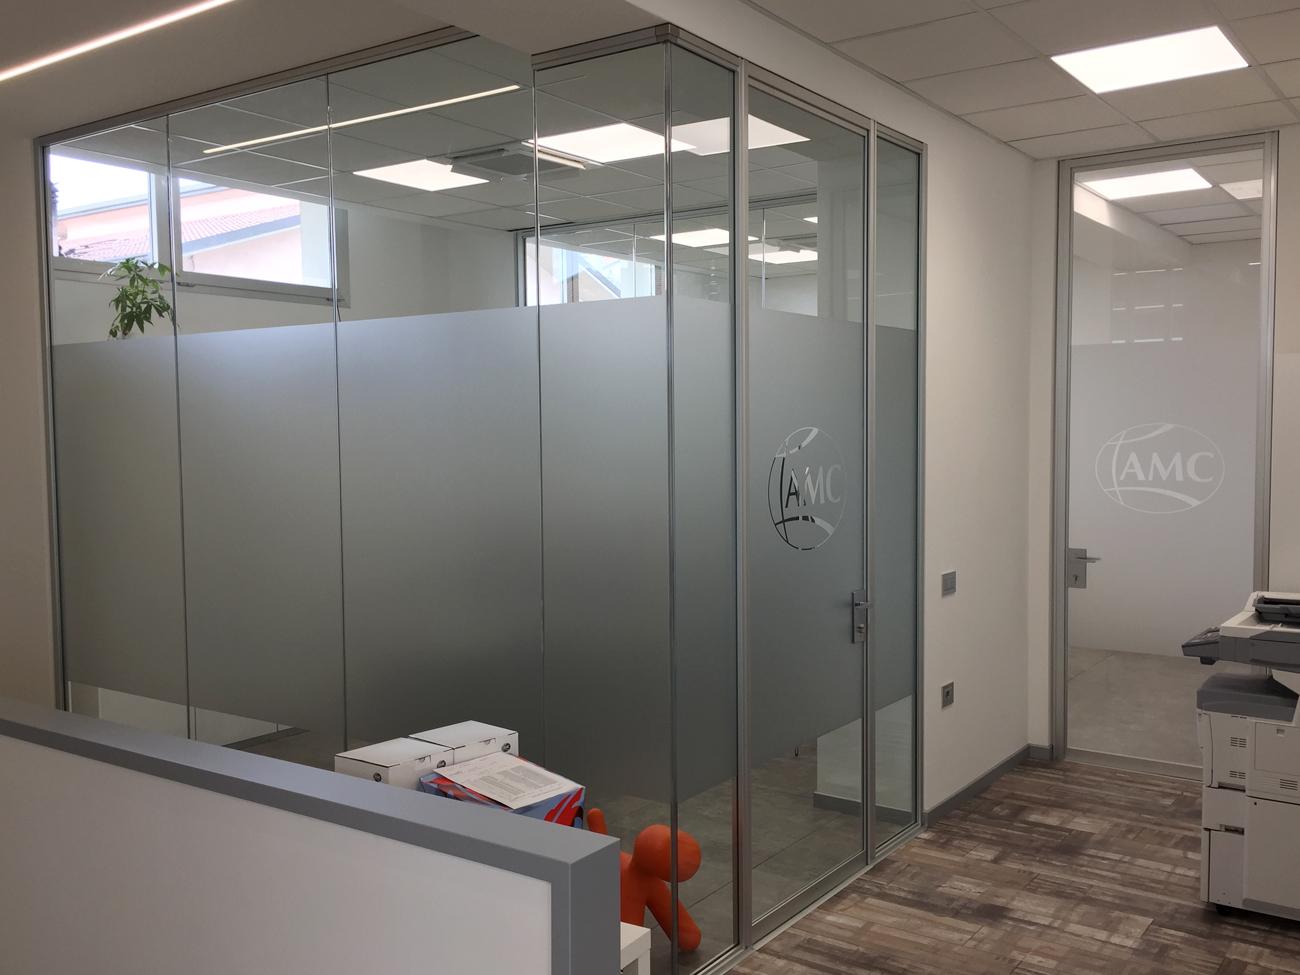 Decorazione interno uffici con adesivi effetto smerigliato for Blog decorazione interni